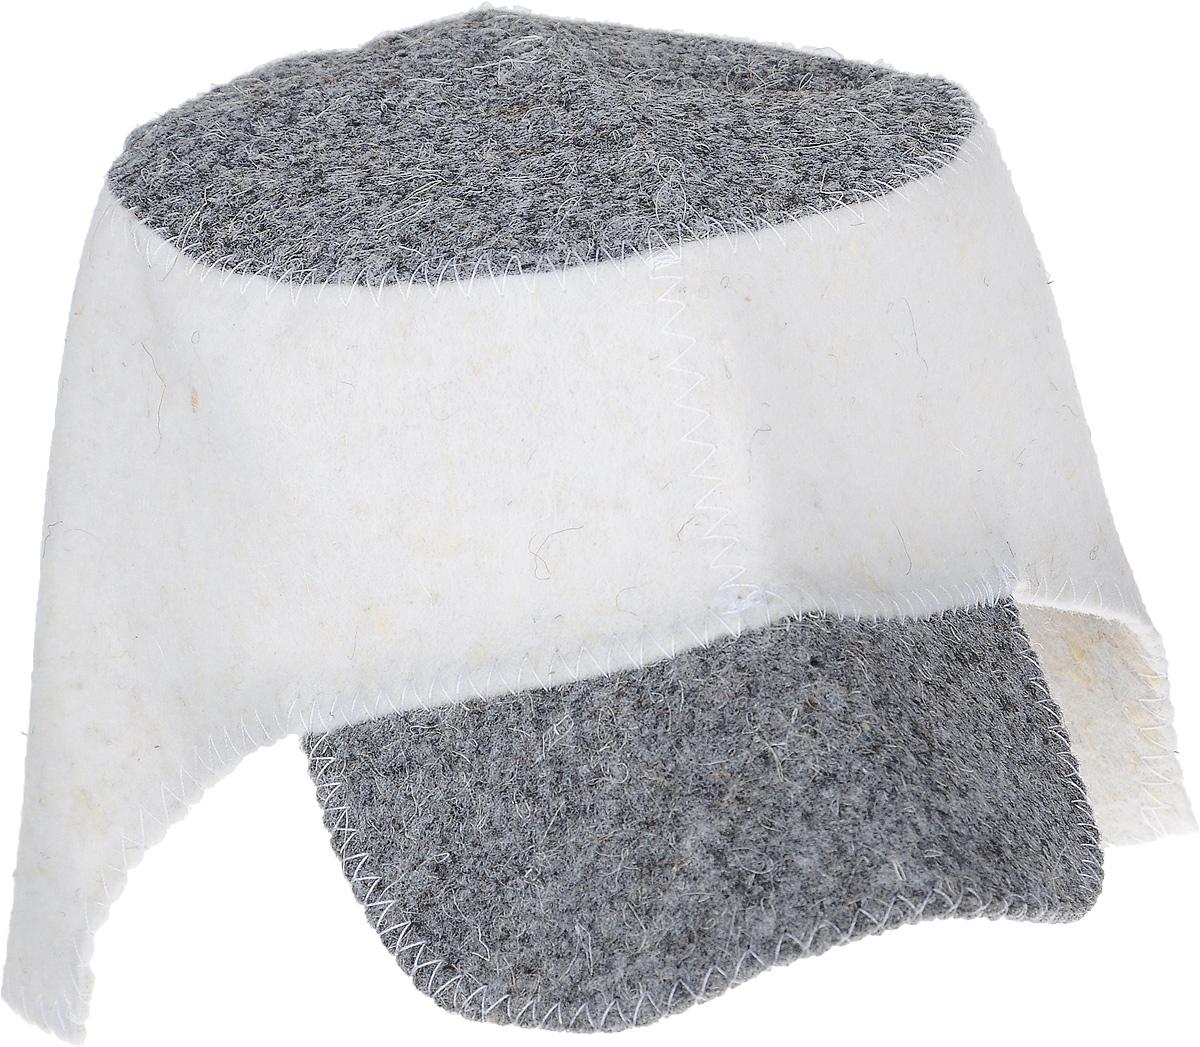 Шапка для бани и сауны Hot Pot Кепка Комби, цвет: серый, темно-серый ouaps бани угадай где в казани